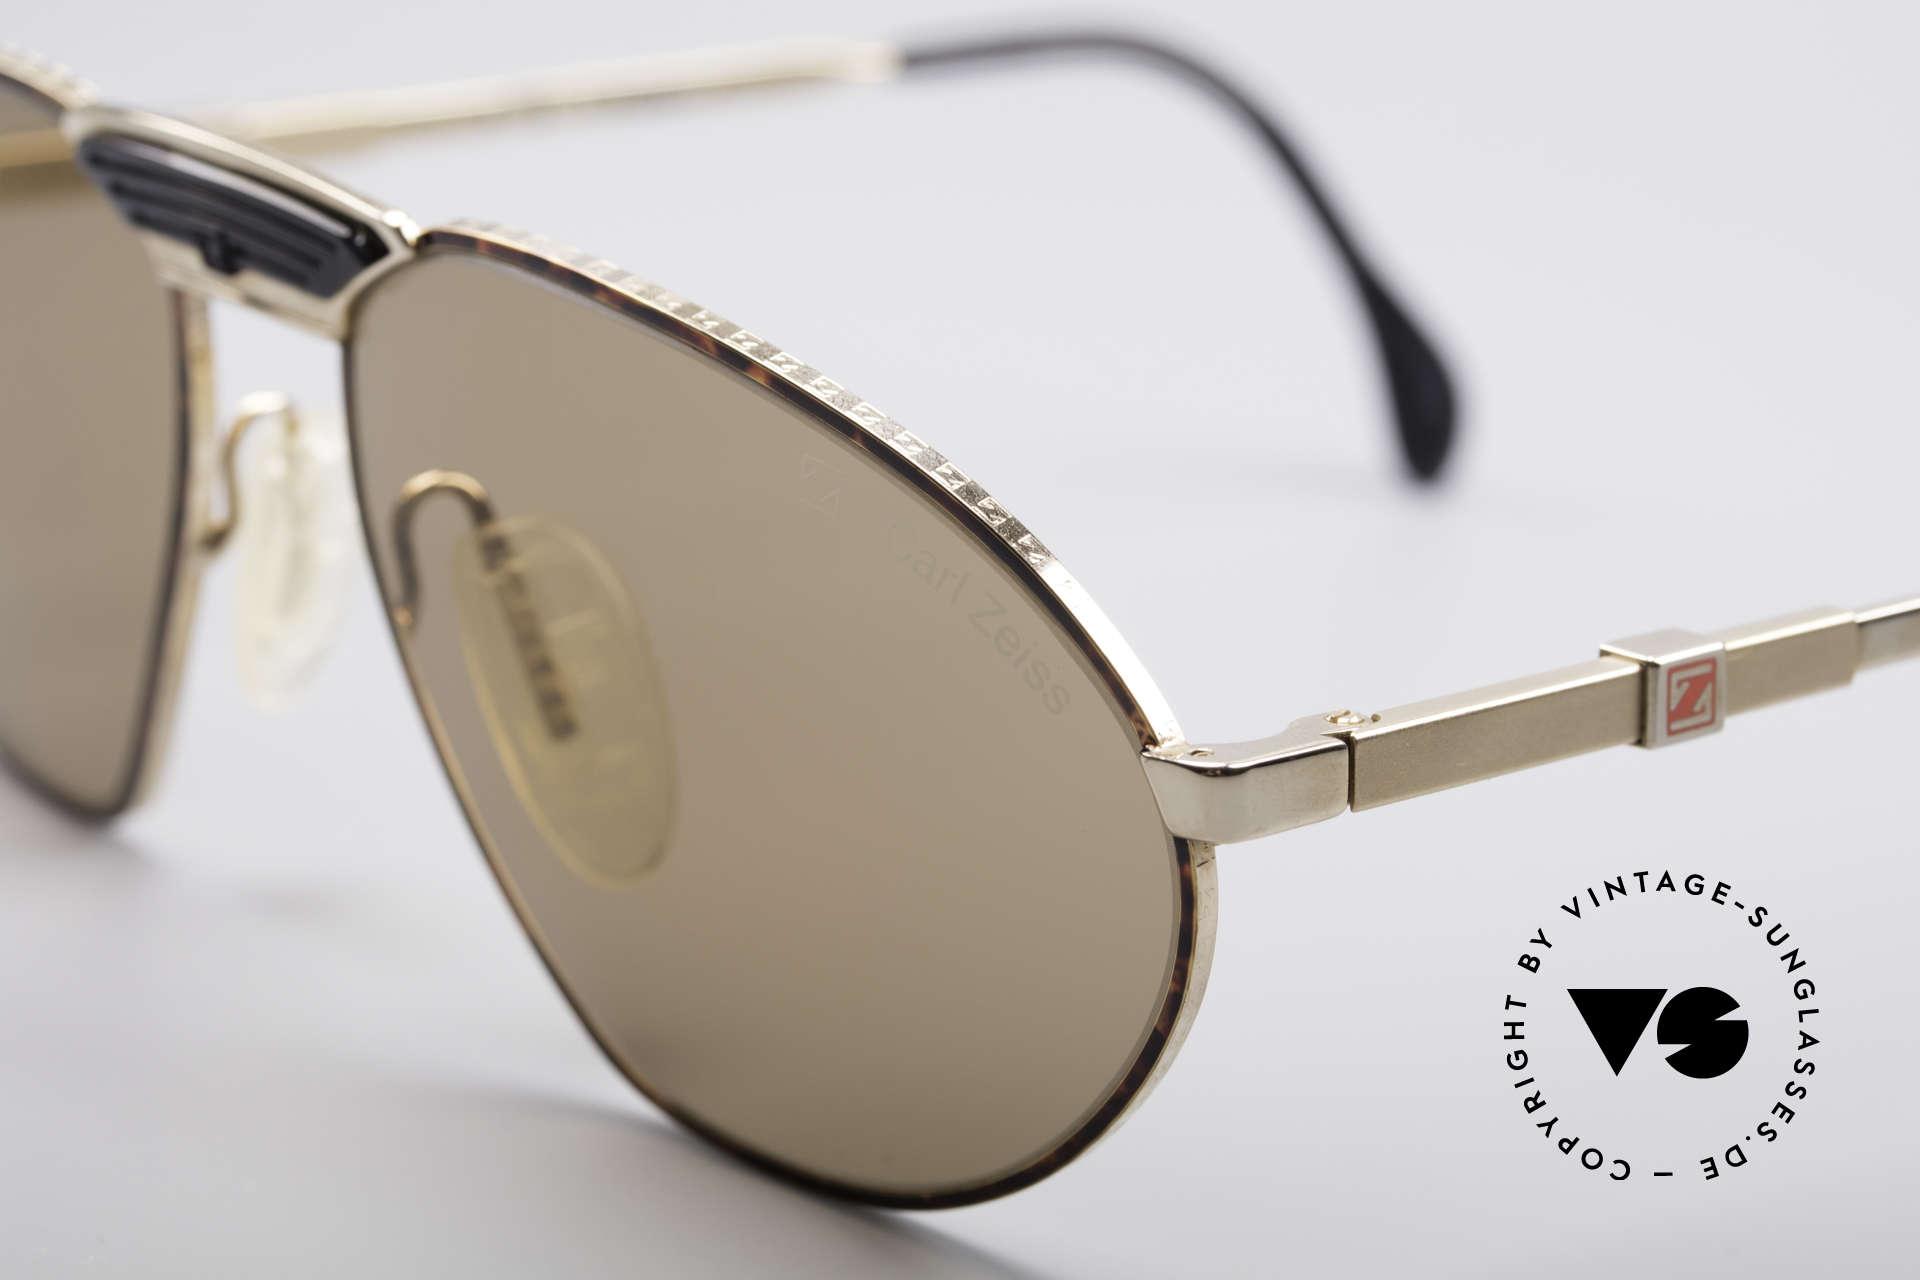 Zeiss 9927 80er Top Qualität Brille, für alle Liebhaber von Qualität und Understatement, Passend für Herren